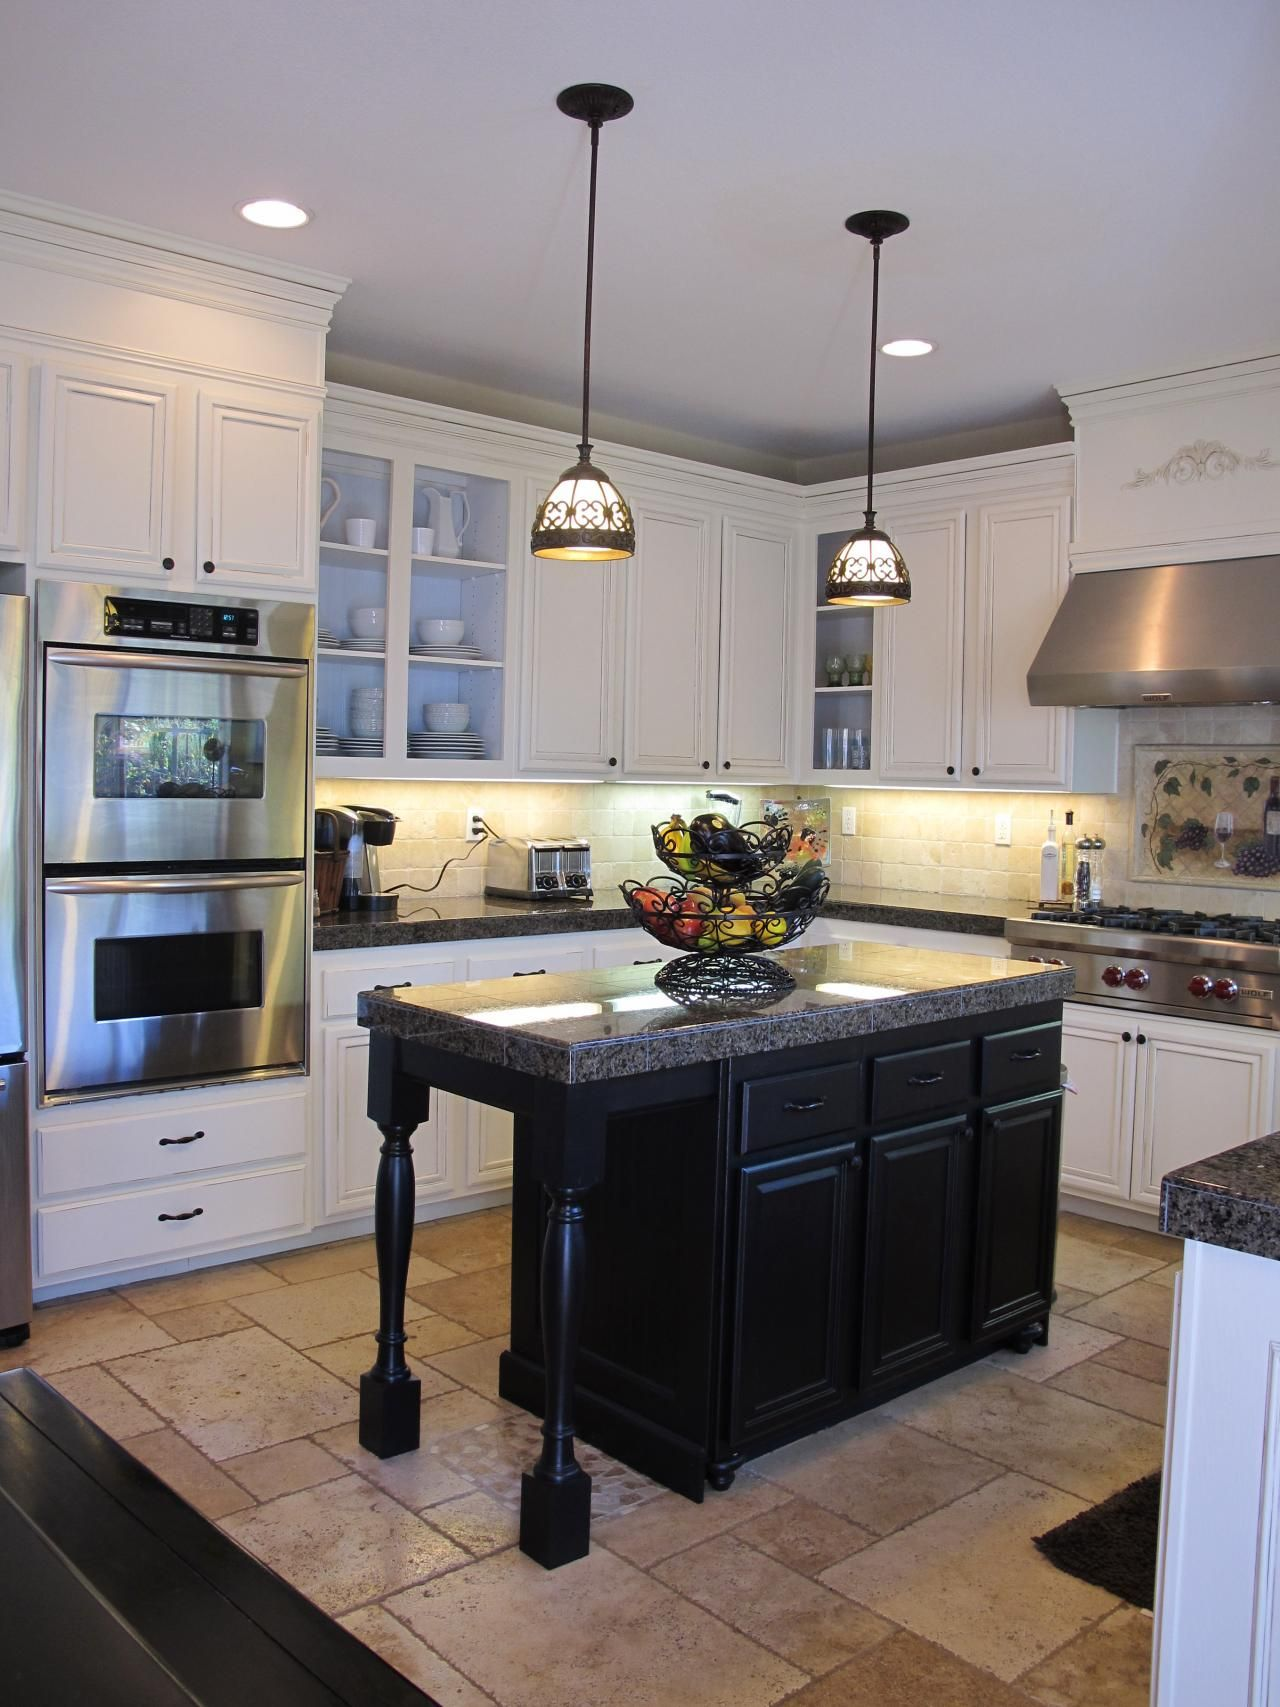 Küche interieur farbschemata küche farbschemata besten weiß für küchenschränke redo küche